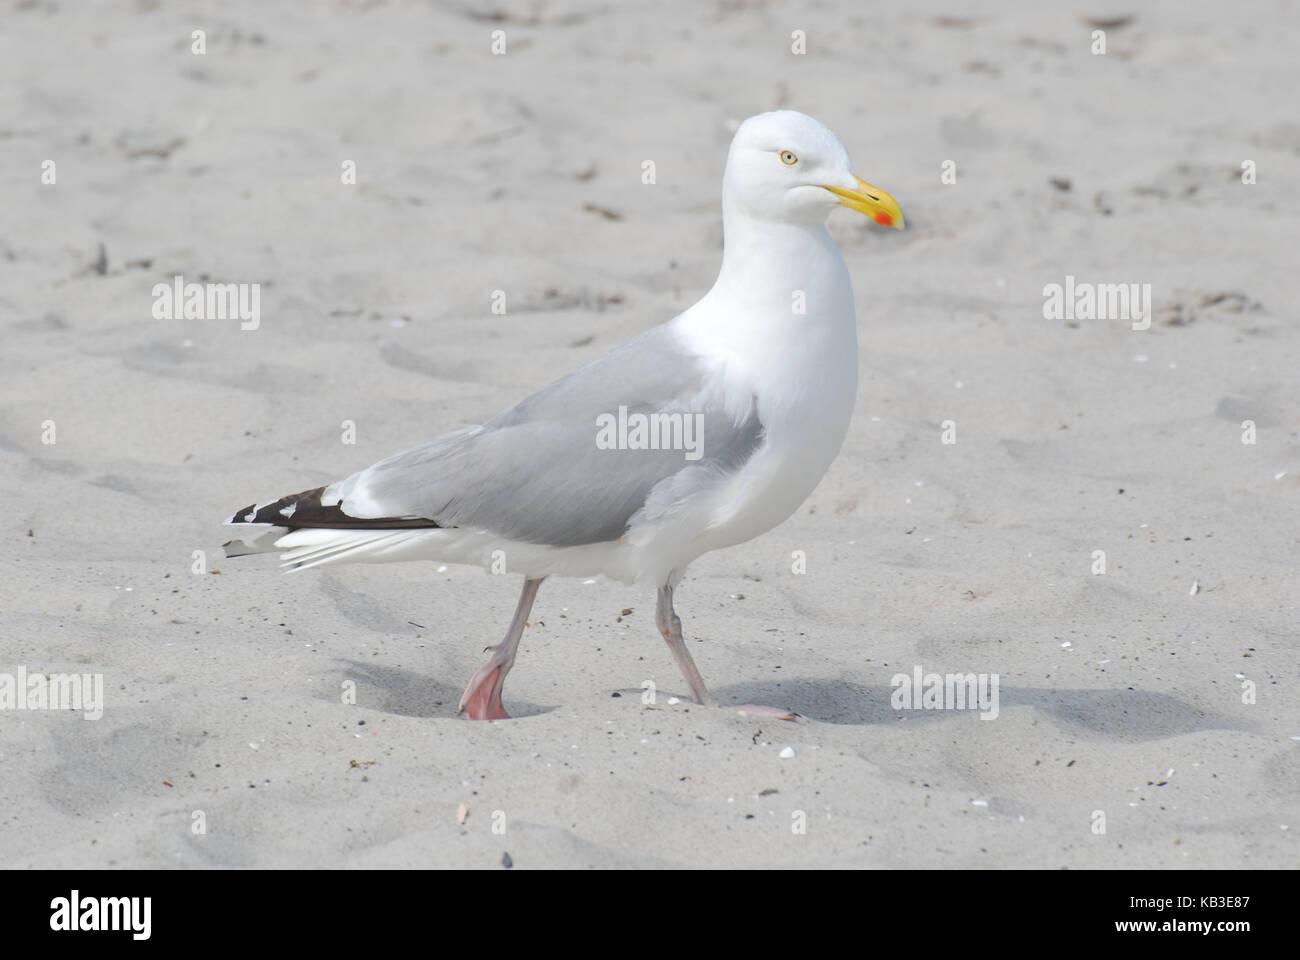 Ornithologie, Vogel, Möwe, Sand Stockbild